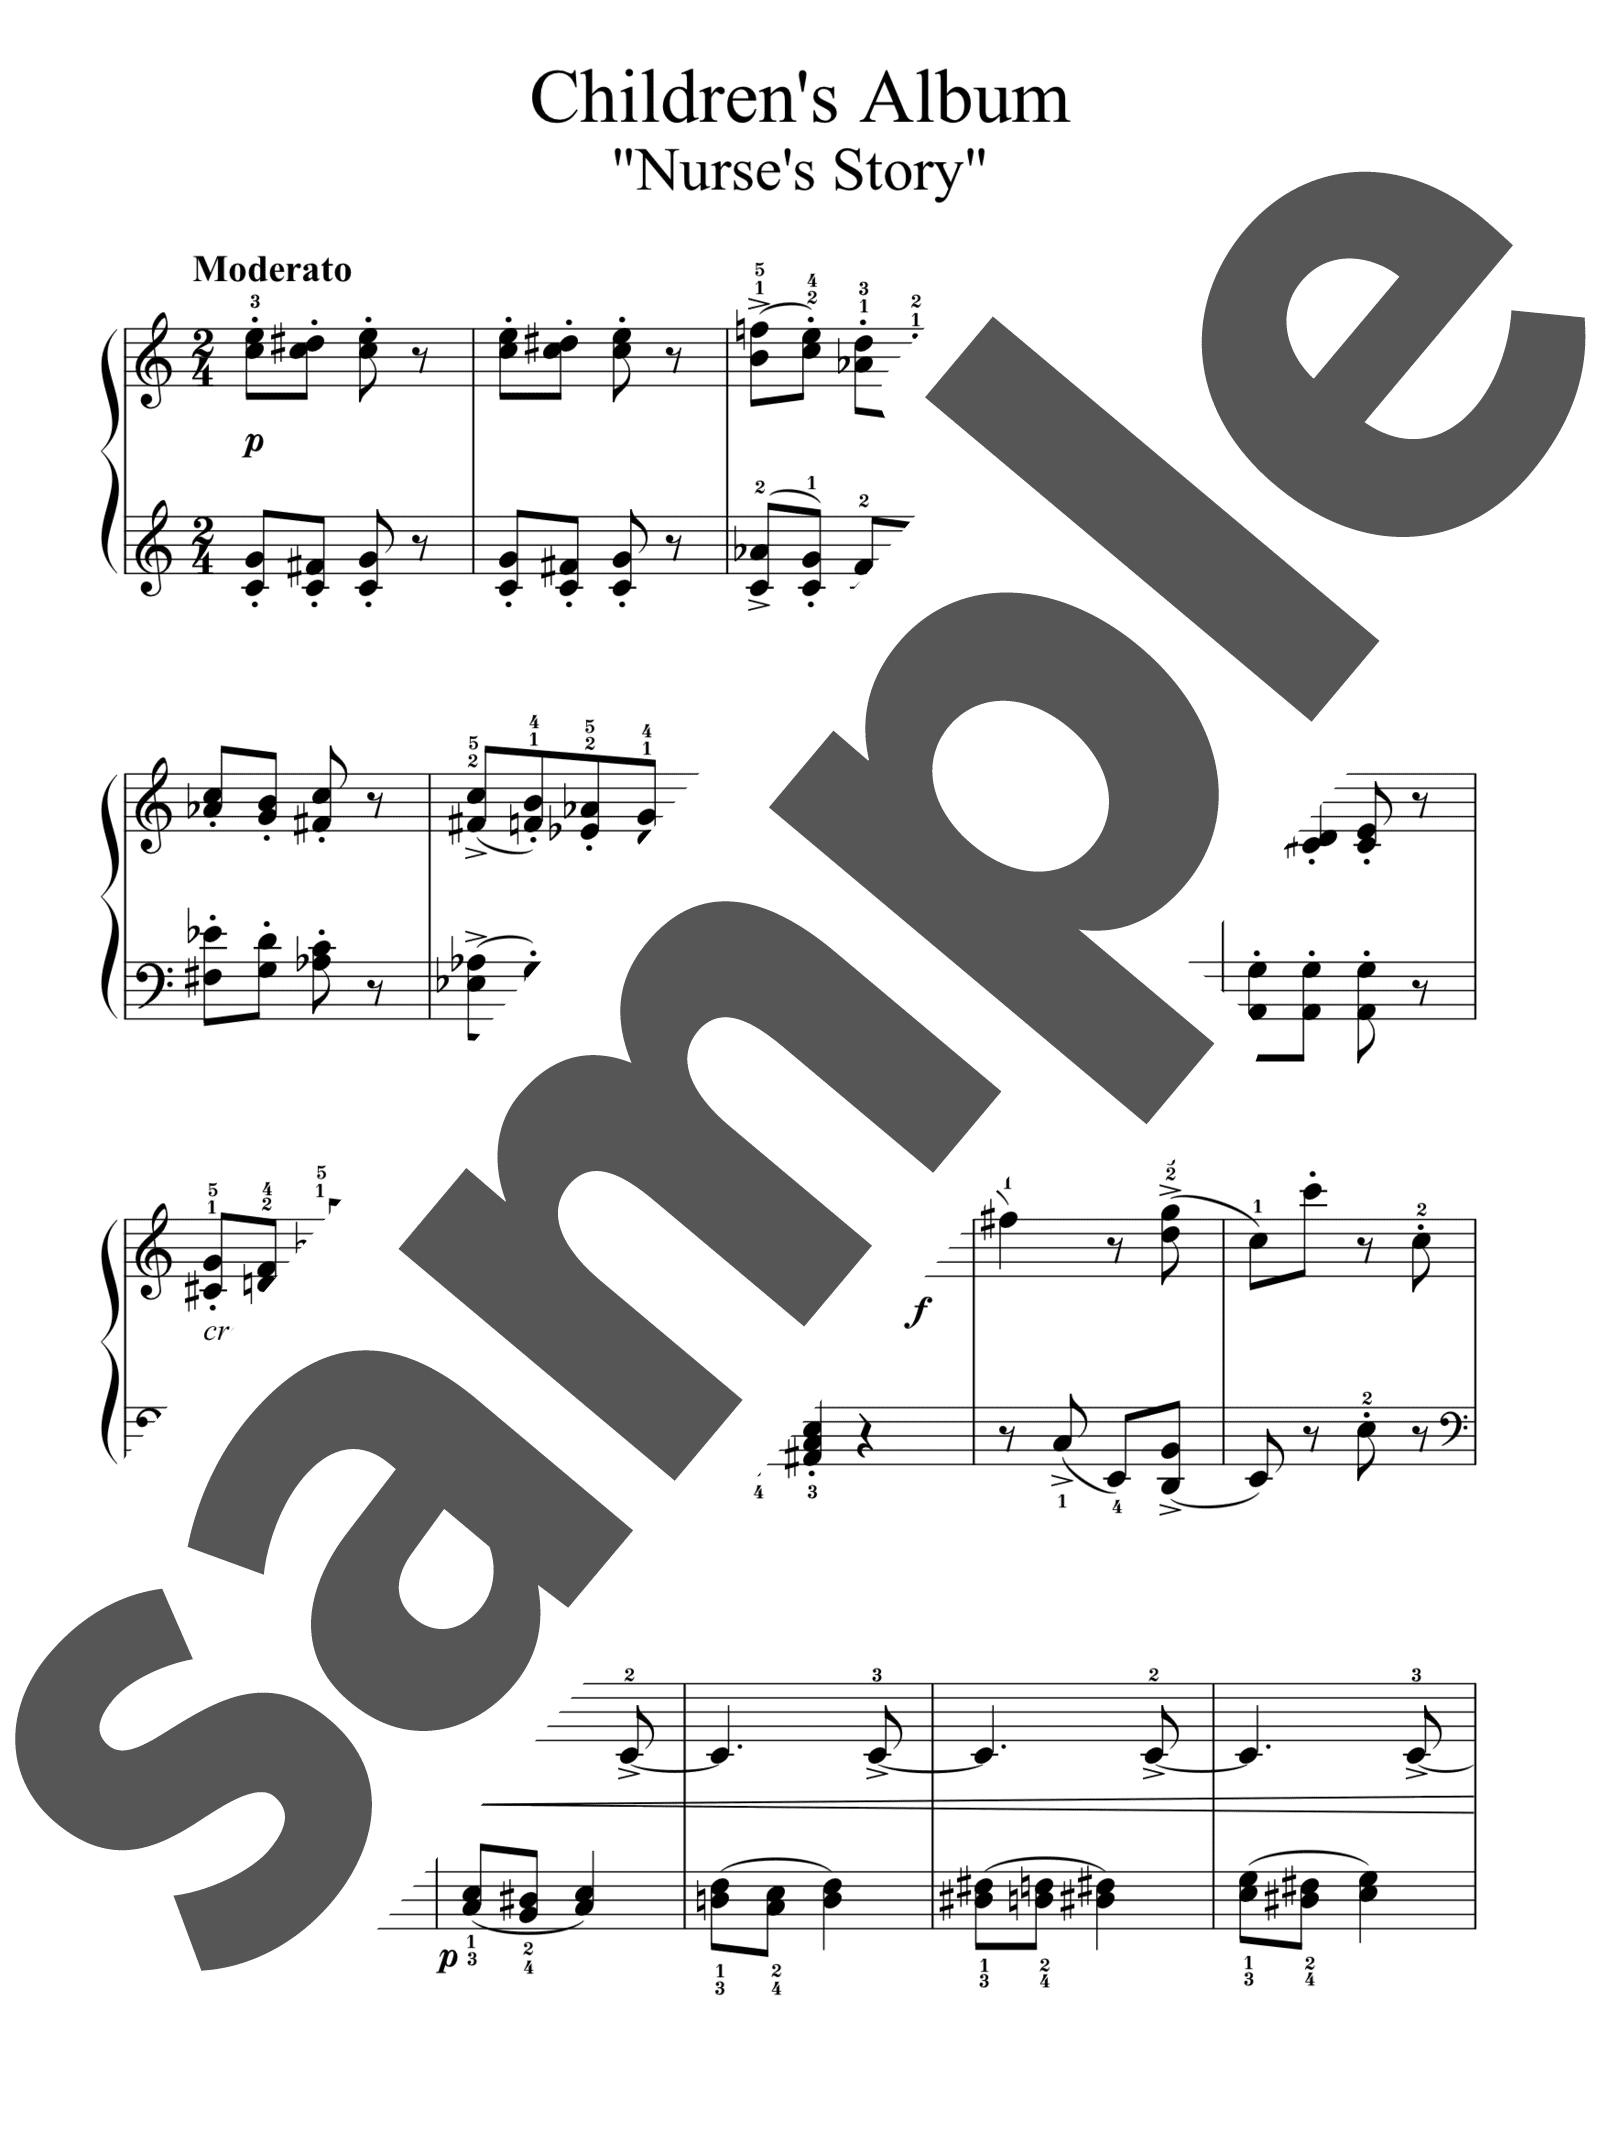 「子供のアルバムより「乳母のお話」」のサンプル楽譜